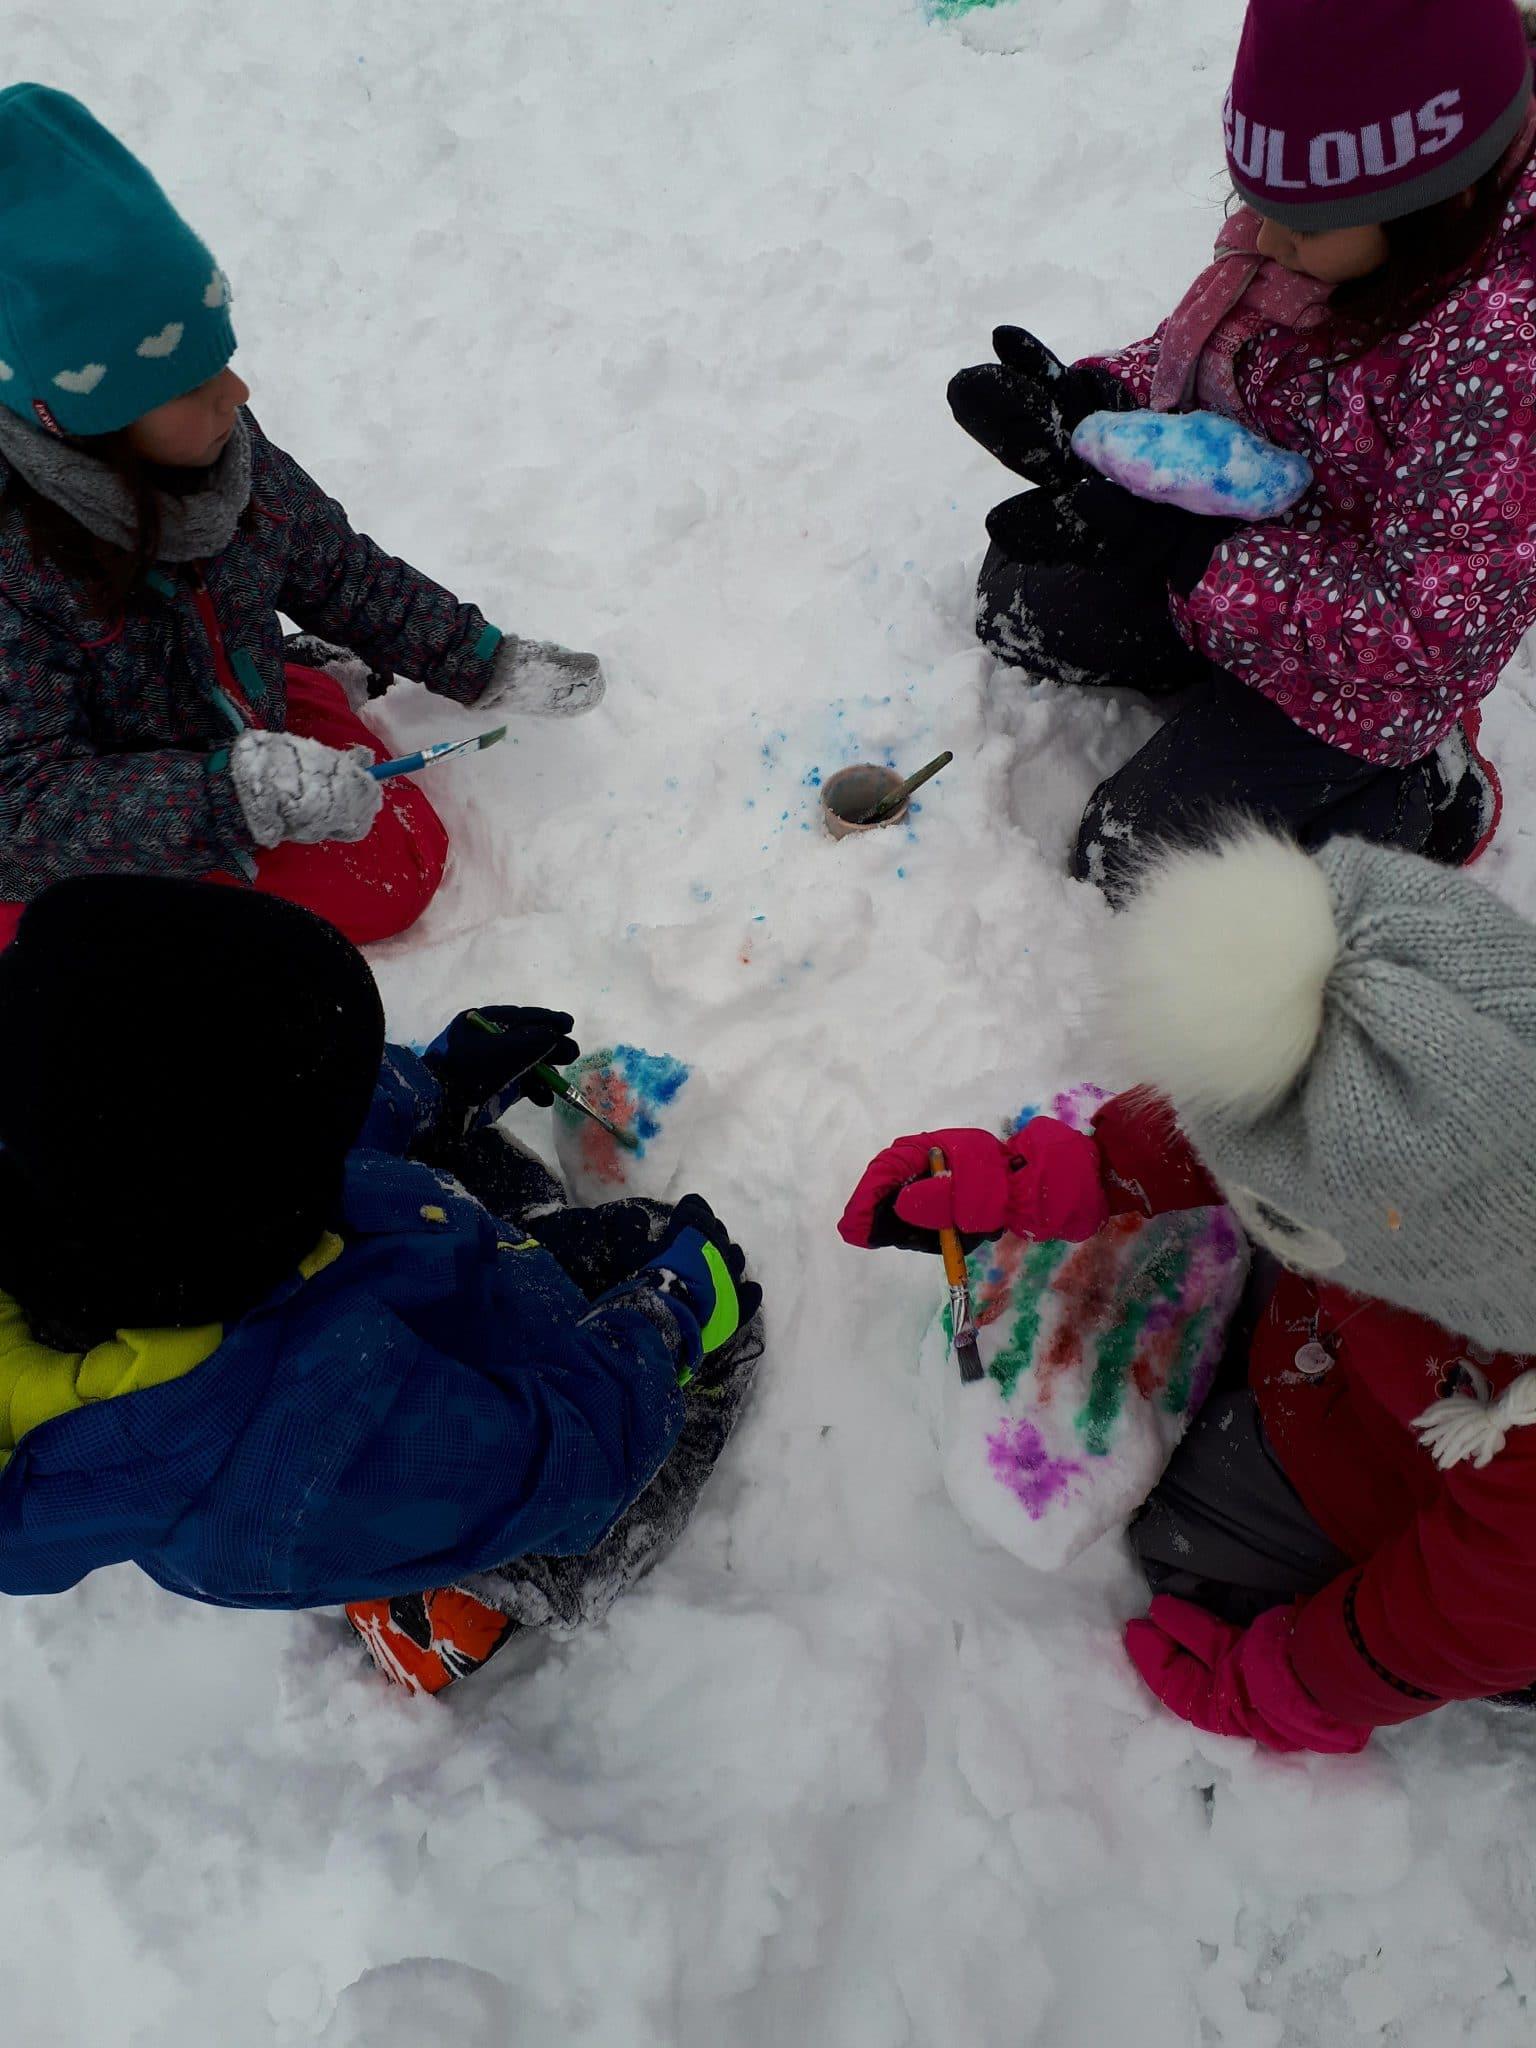 Peinture sur neige pour les élèves de l'école du Premier-Envol. Crédit : école du Premier-Envol.